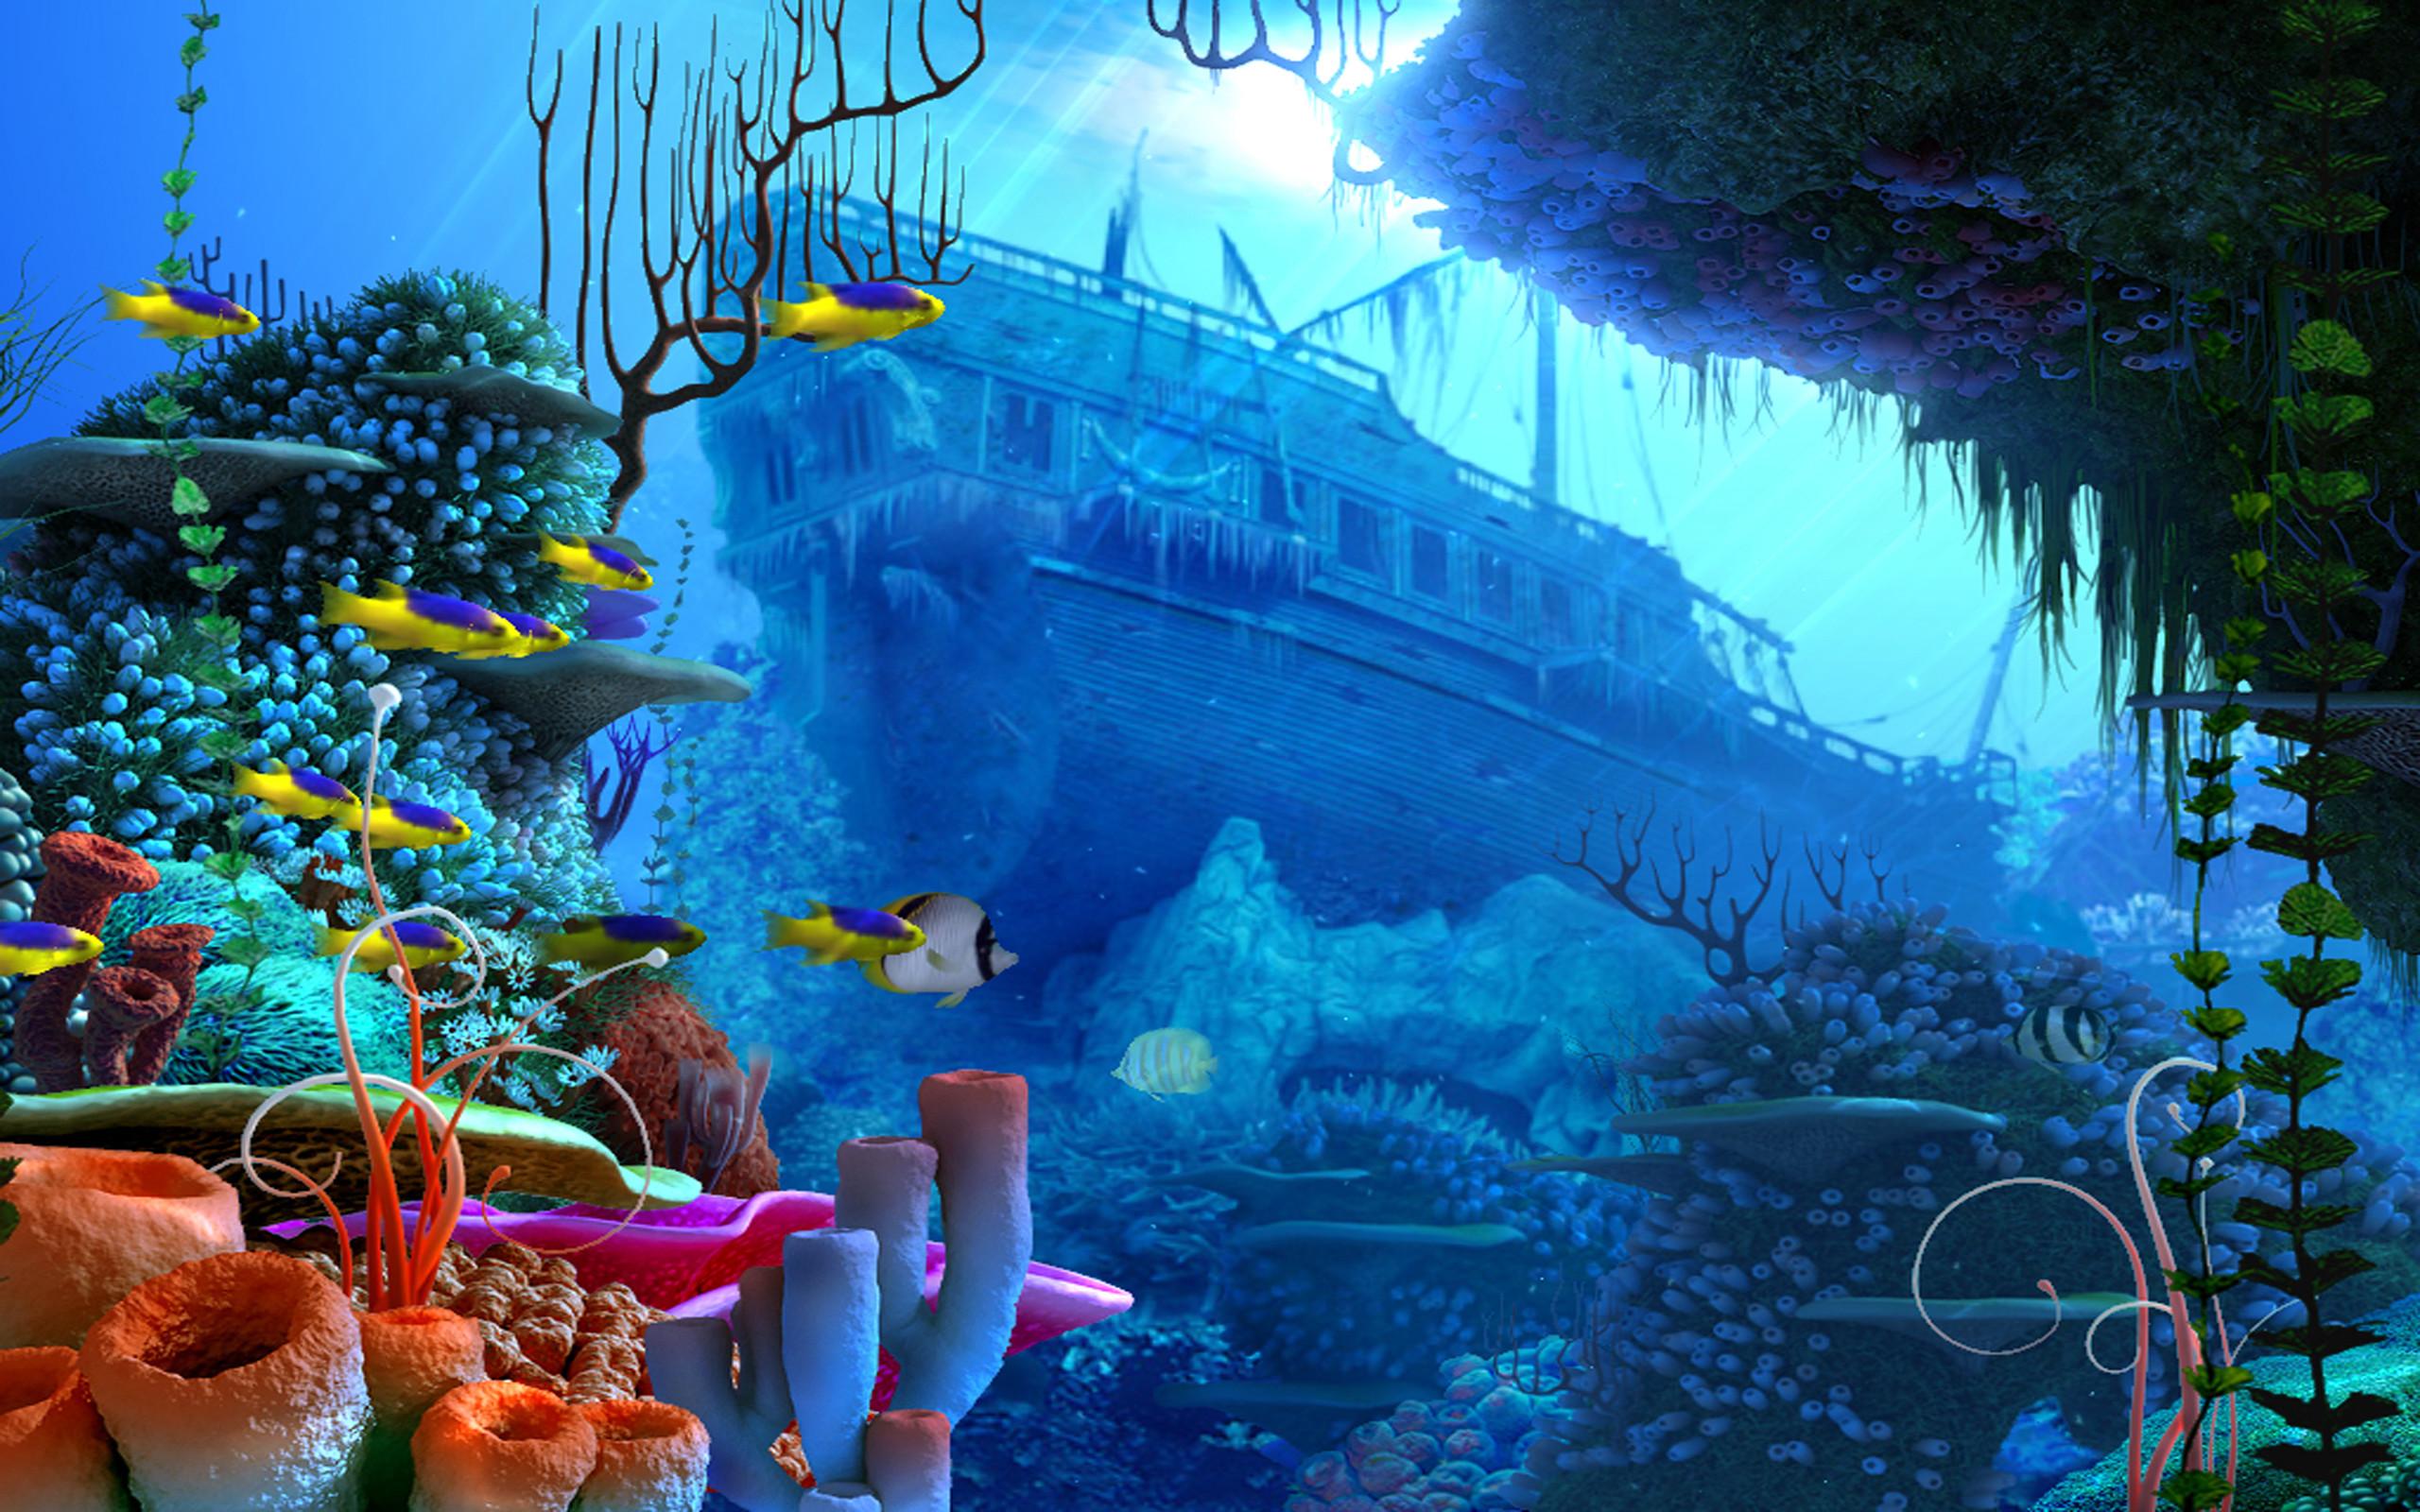 beautiful ocean scenes wallpaper (46+ images)